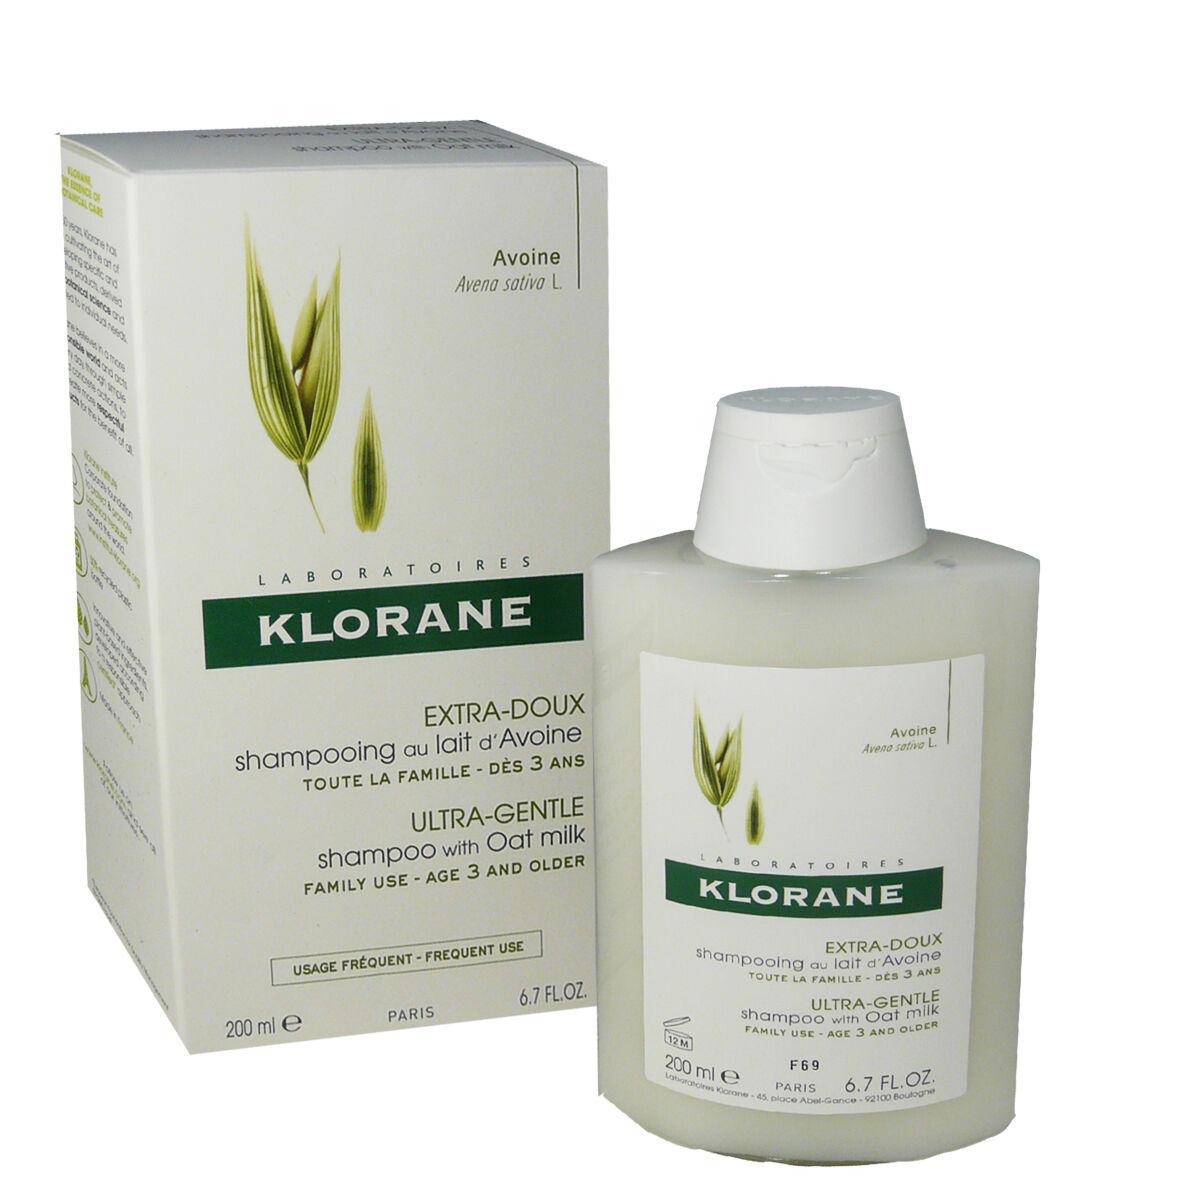 Klorane extra-doux au lait d'avoine 200 ml